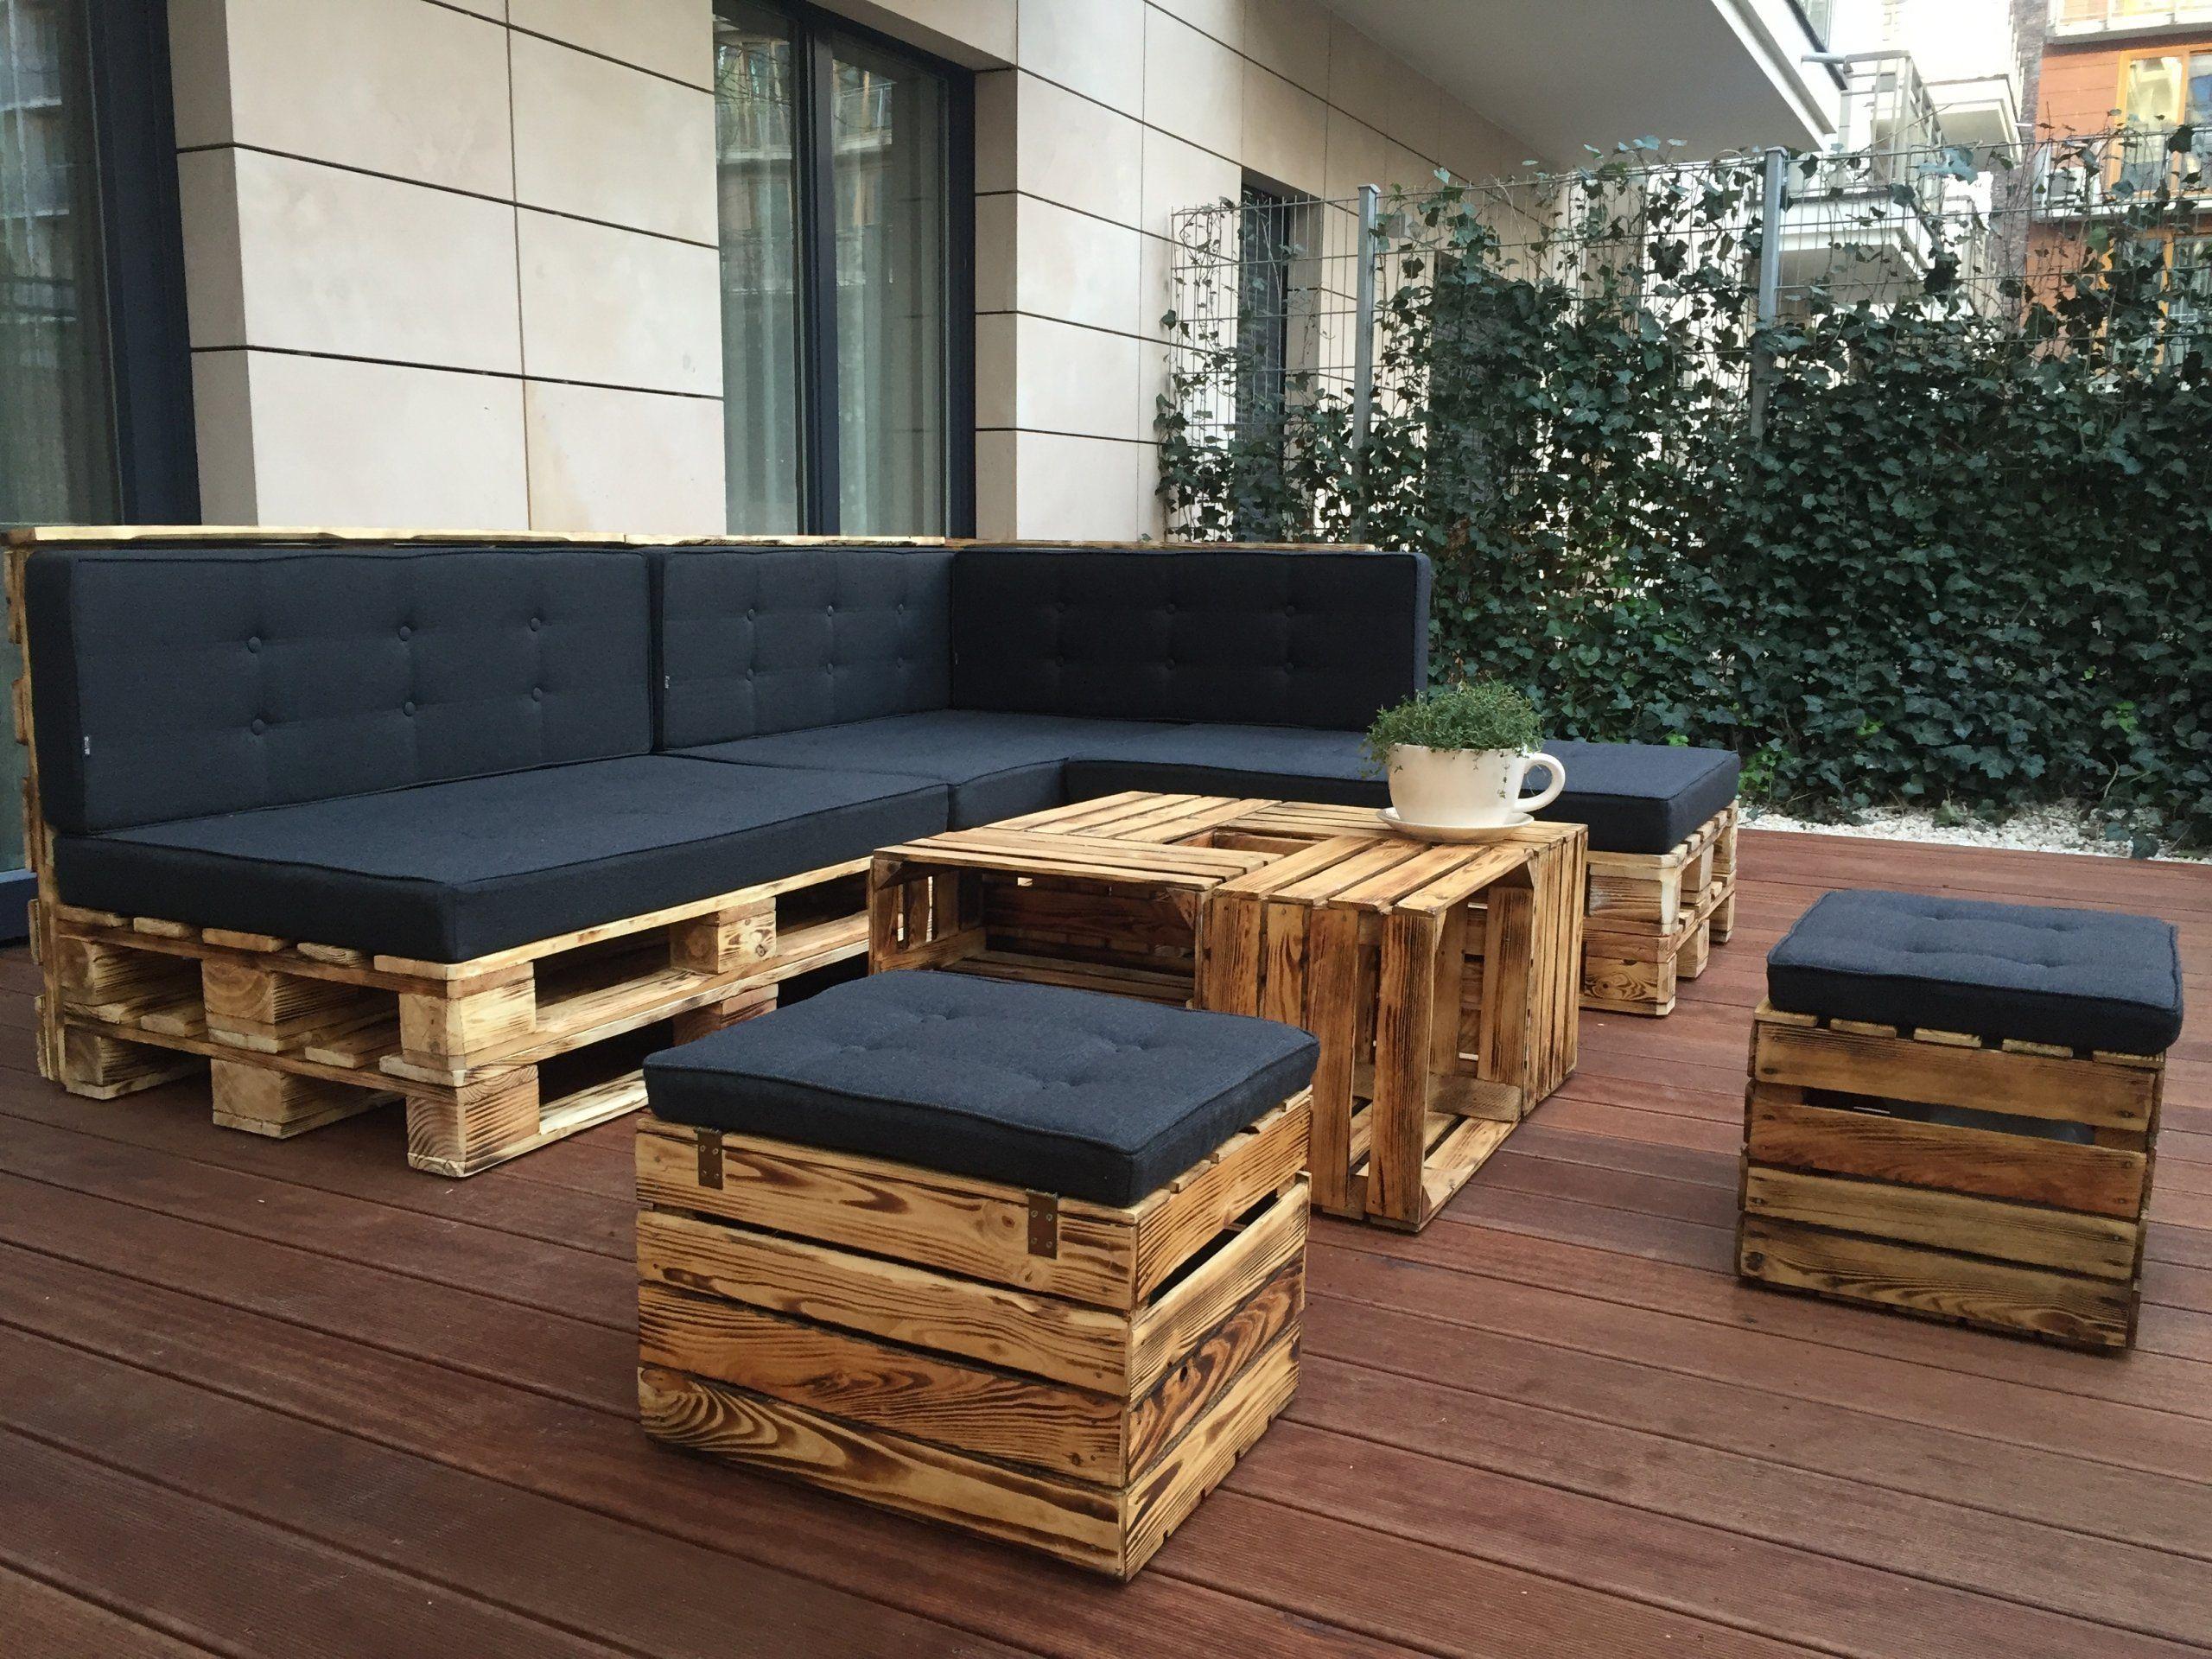 PODUSZKA PODUSZKI MATERAC NA MEBLE z PALET  Taras w 2019  Outdoor furniture sets Outside